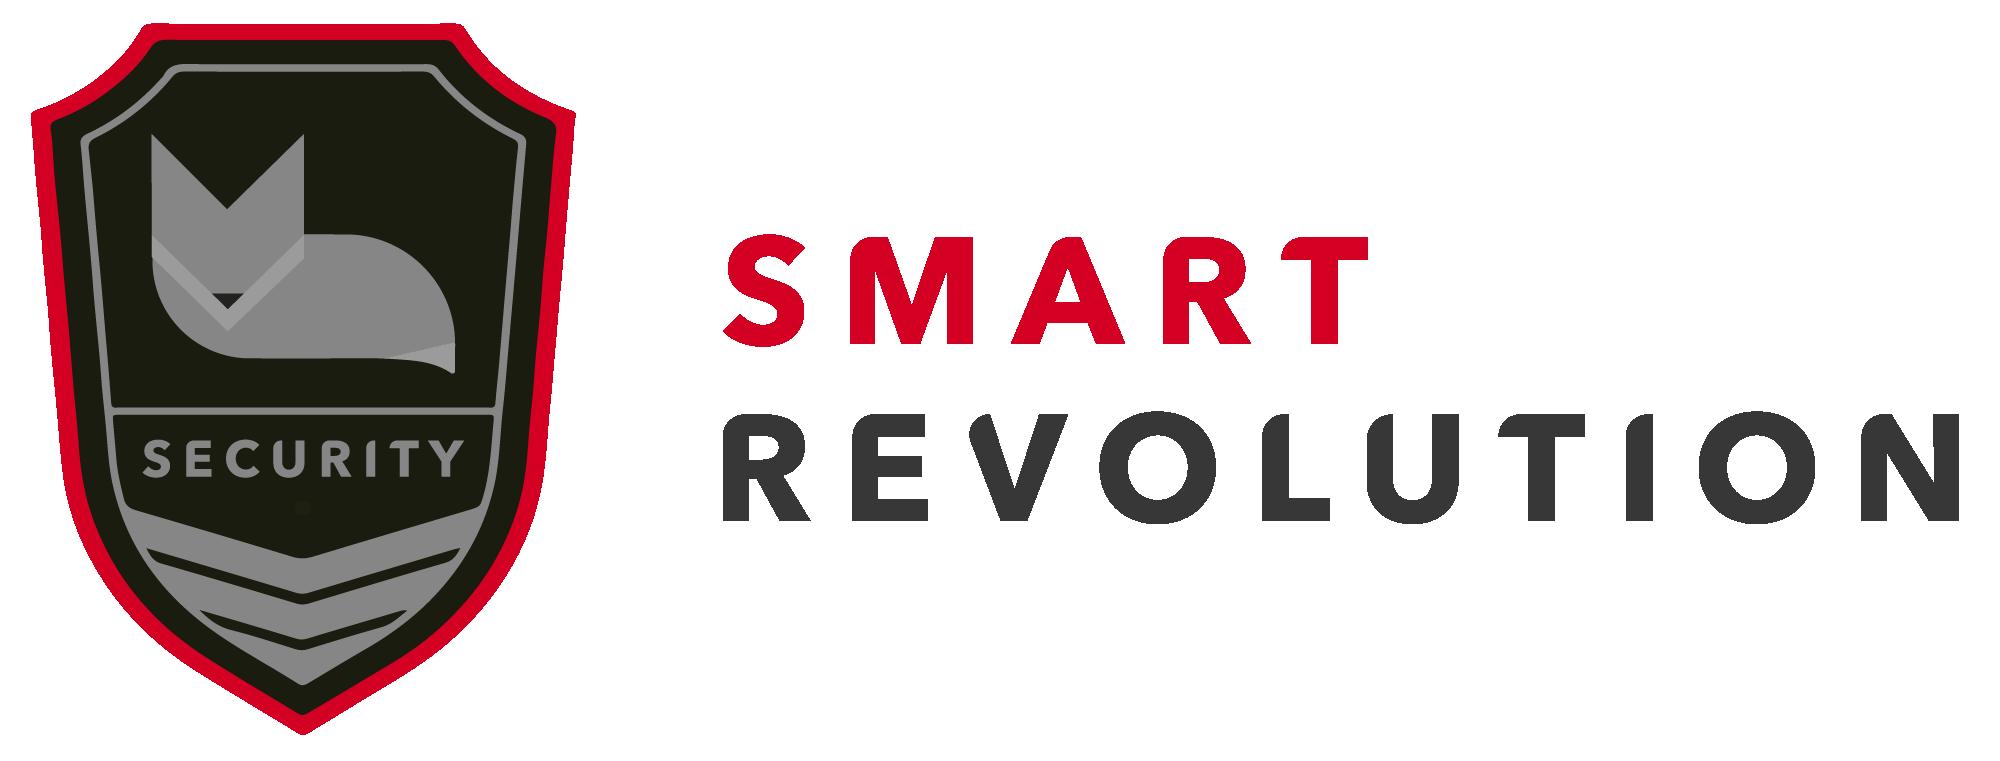 Logo Smart Revolution Security smarev